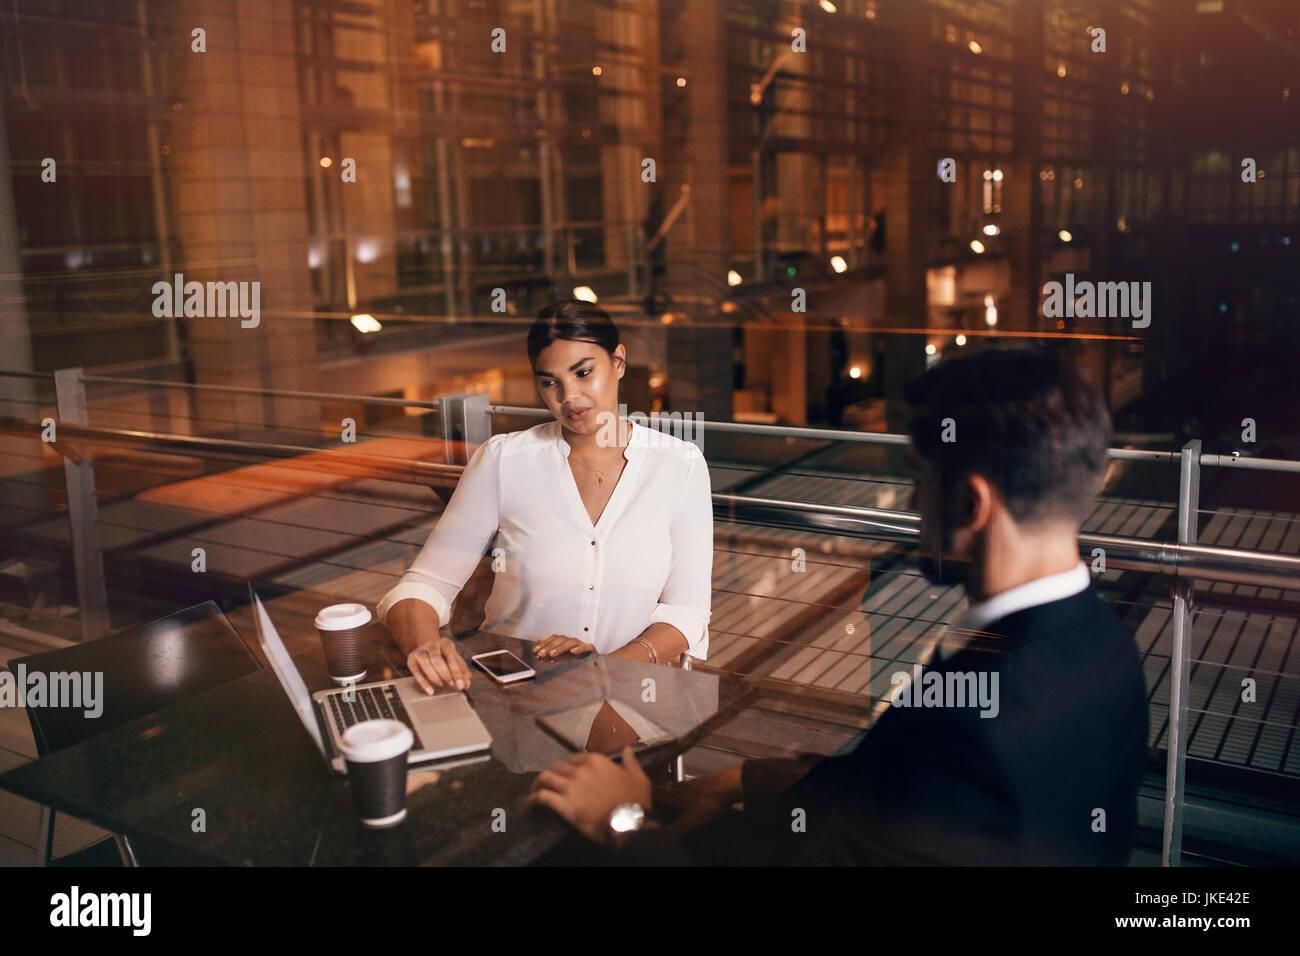 Businesswoman sitting at cafe table avec l'homme de discuter affaires. Les gens d'affaires en attente à Photo Stock